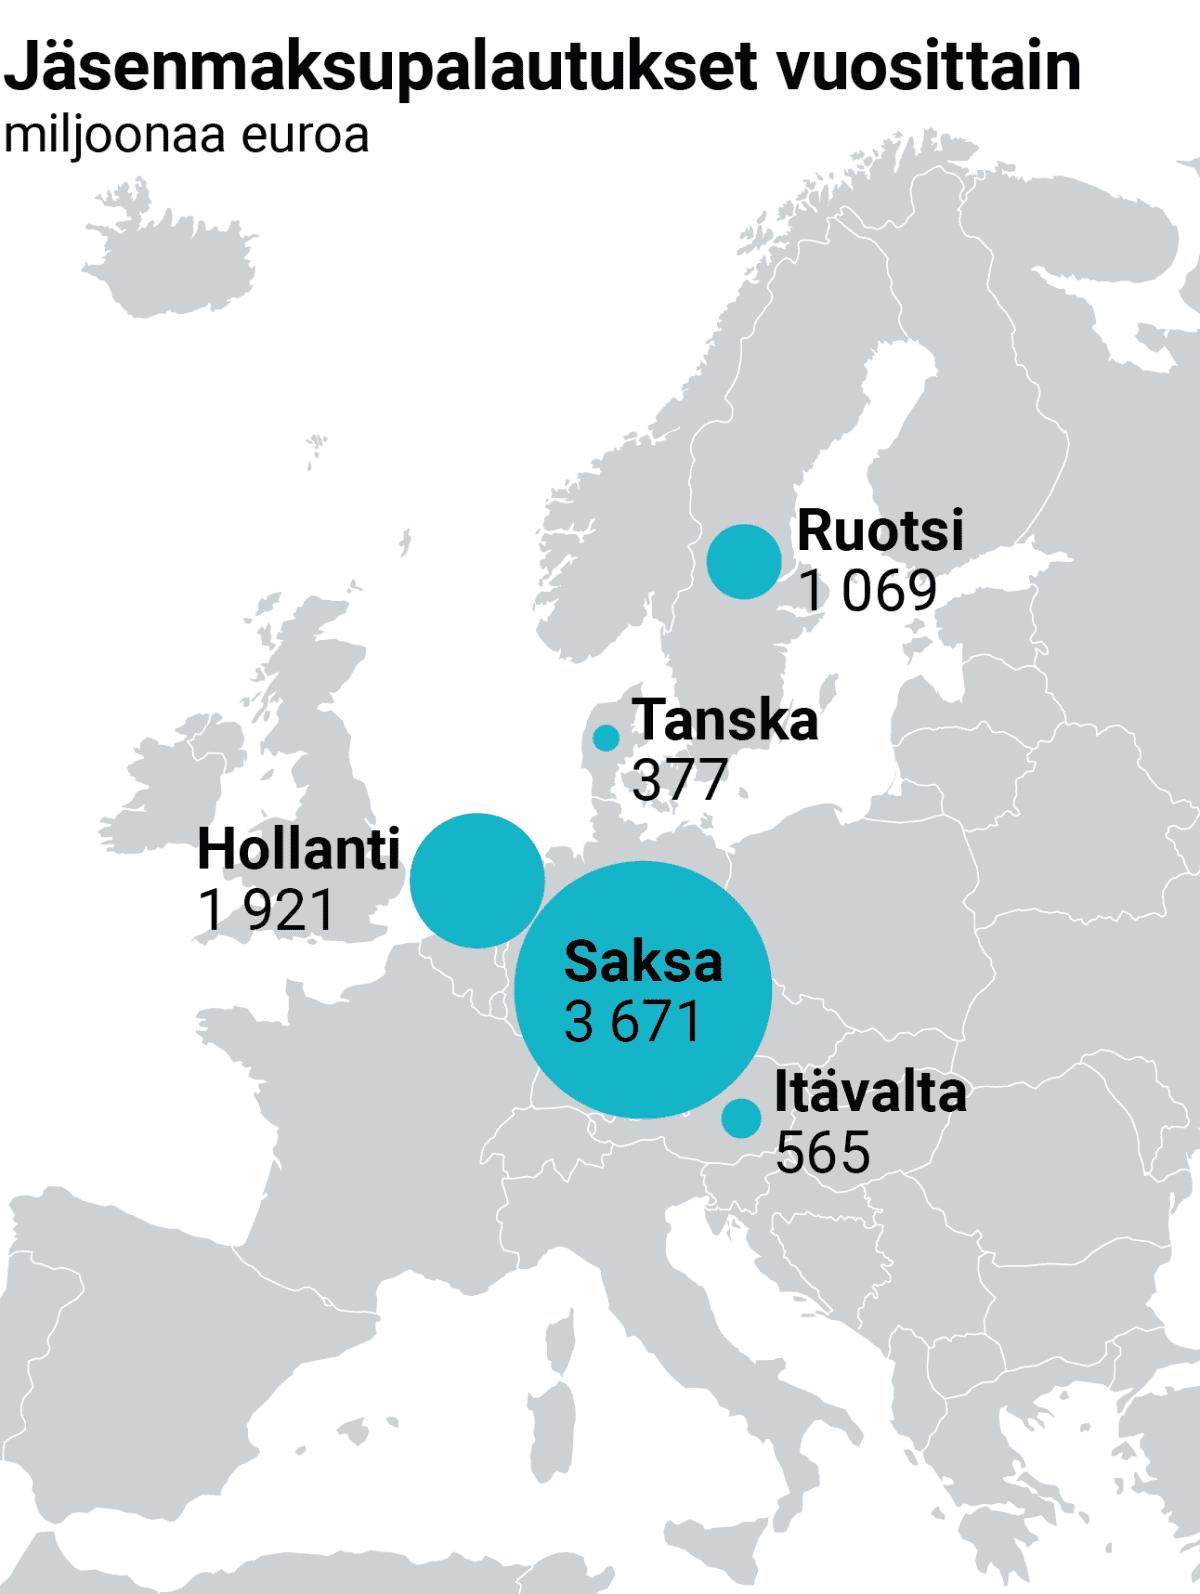 Grafiikka EU:n jäsenmaksupalautuksista vuosittain. Saksa 3671 miljoonaa euroa, Hollanti 1921 miljoonaa, Ruotsi 1069 miljoonaa, Itävalta 565 miljoonaa, Tanska 377 miljoonaa.